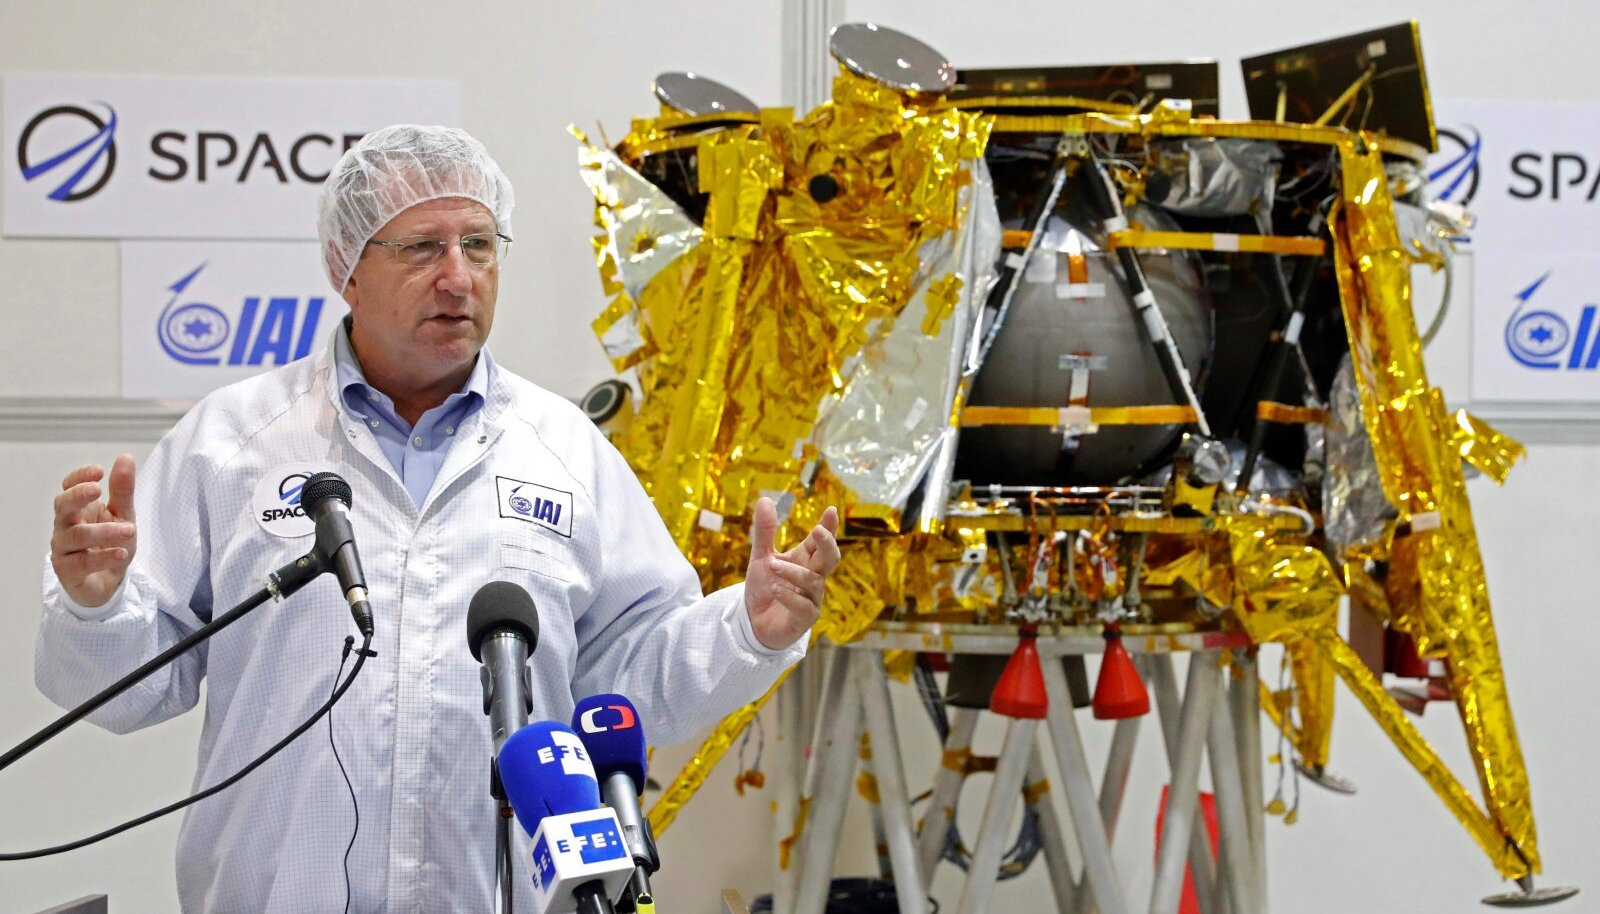 Beresheet kuumaandur ja maanduri valmistanud Israeli Aerospace Industries (IAI) kosmoseosakonna juht Opher Doron